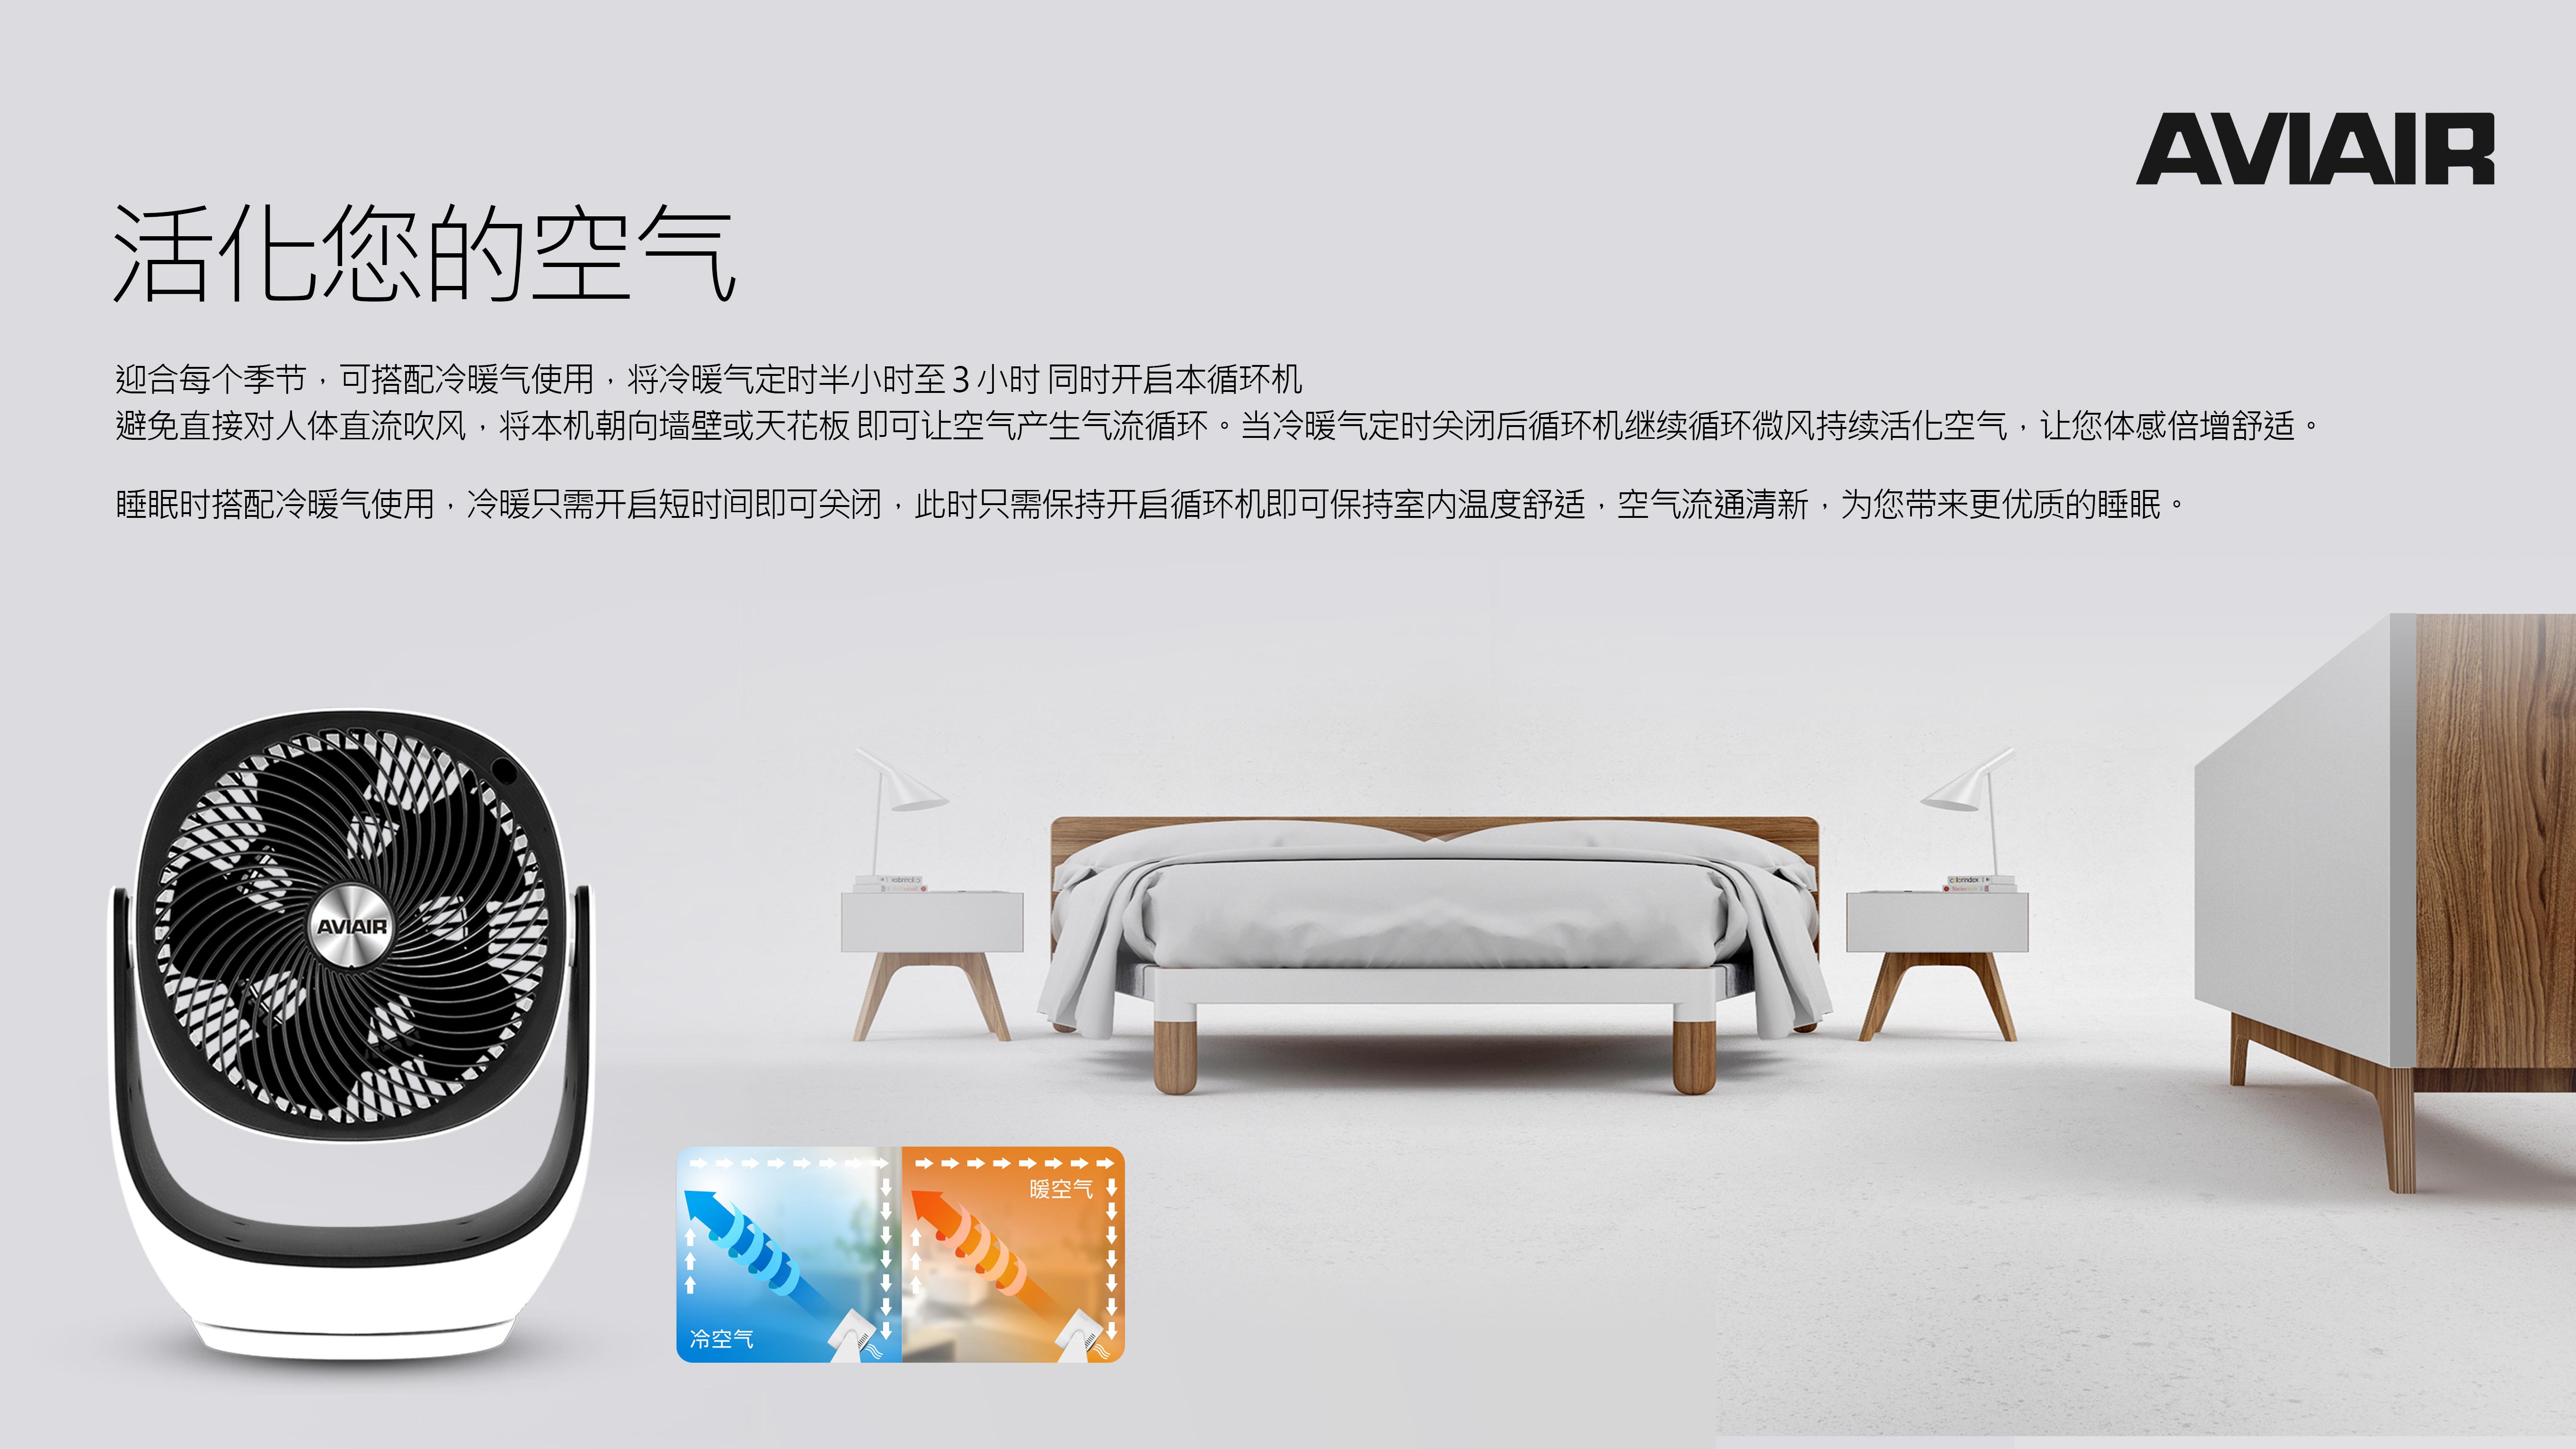 aviair 品牌简介ppt图片